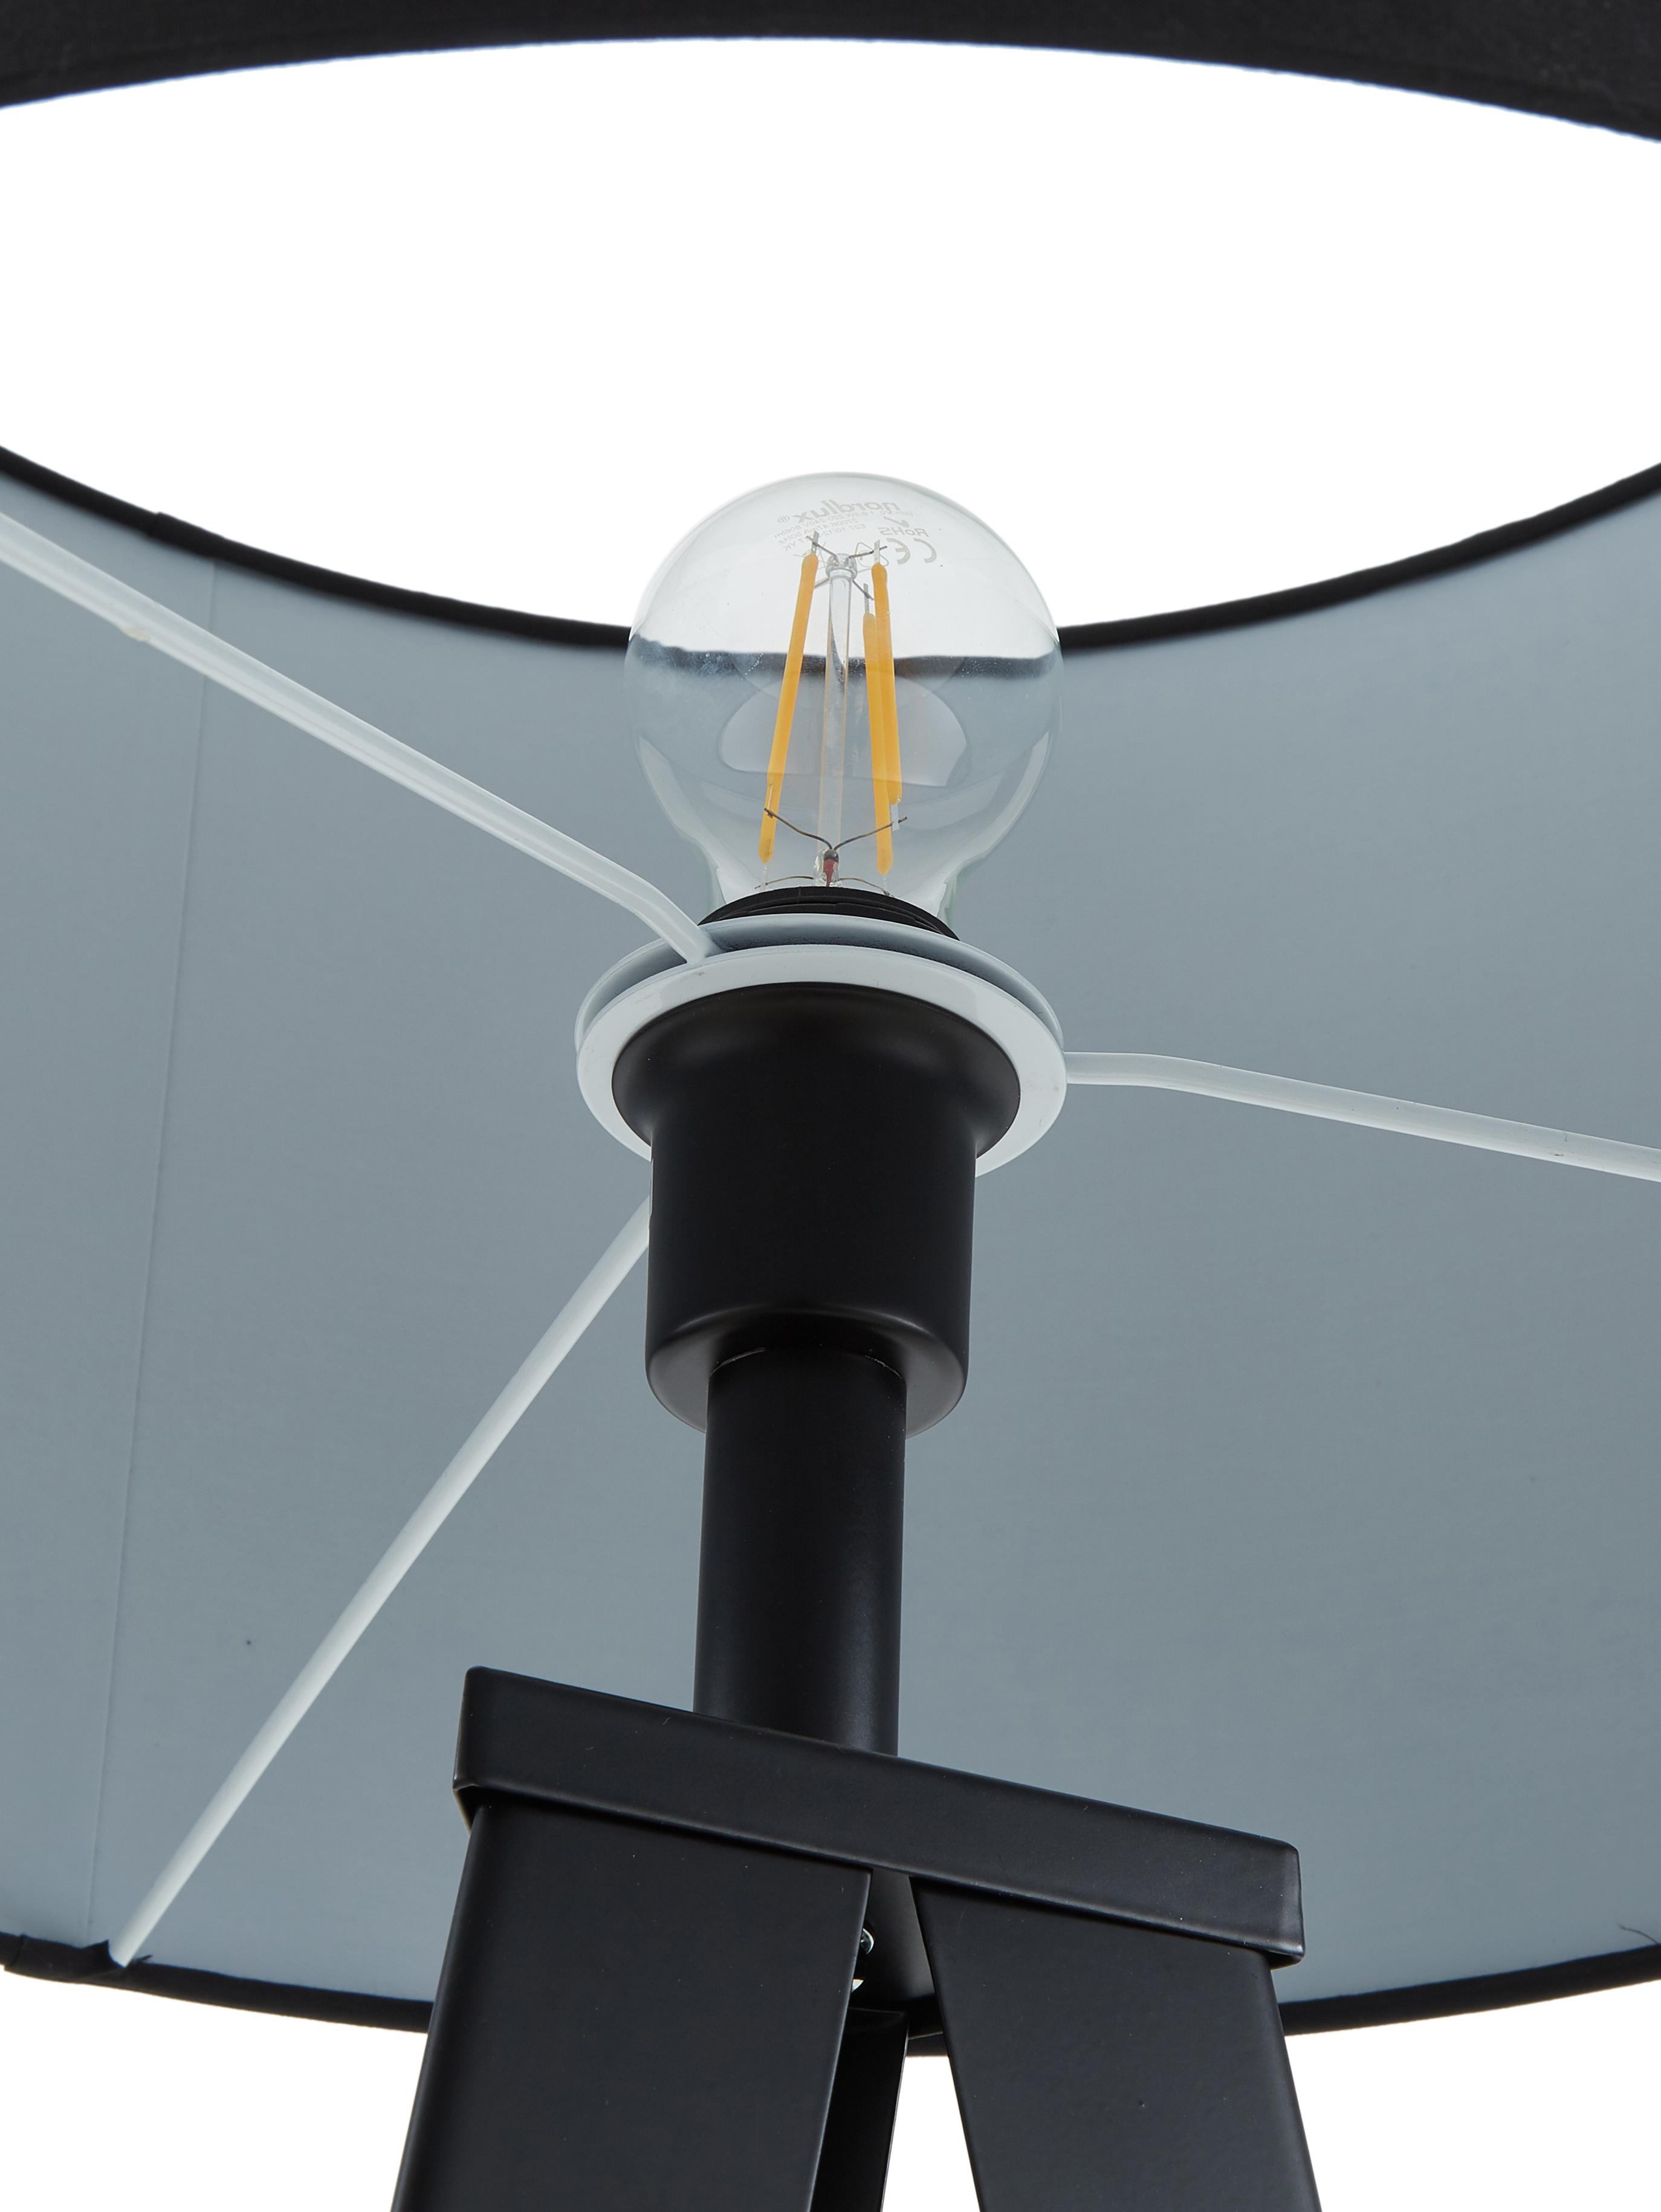 Stehlampe Jake, Lampenschirm: Textil, Lampenschirm: SchwarzLampenfuss: Mattschwarz, Ø 50 x H 158 cm